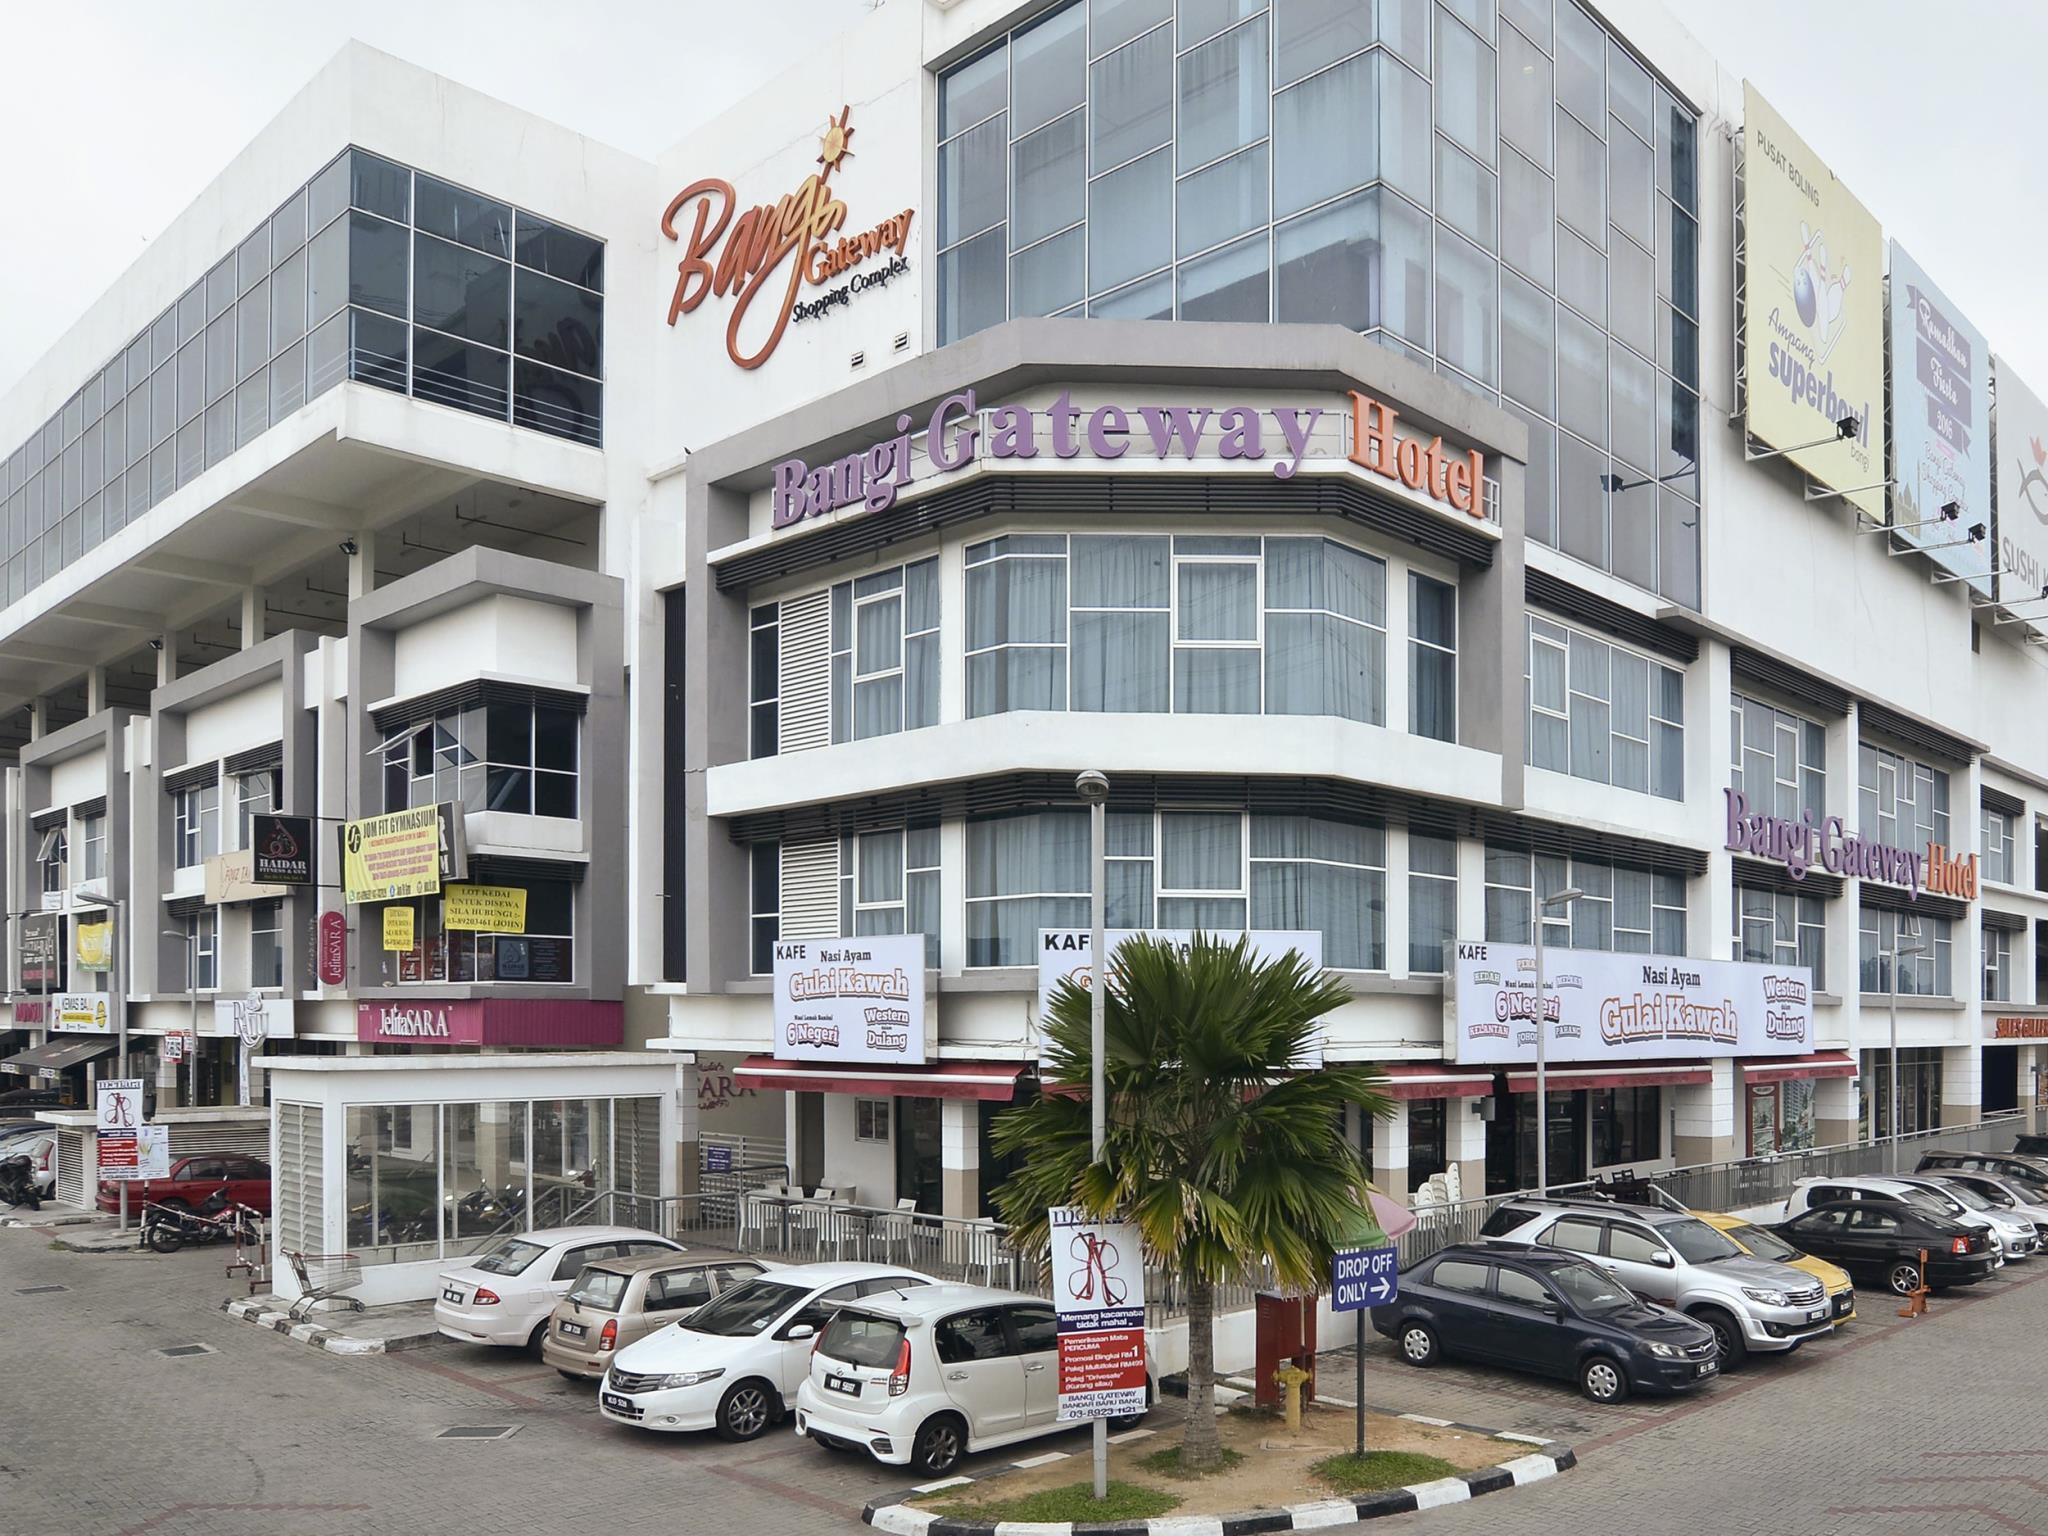 Bangi Gateway Hotel,Kuala Lumpur UKM KTM Komuter Station